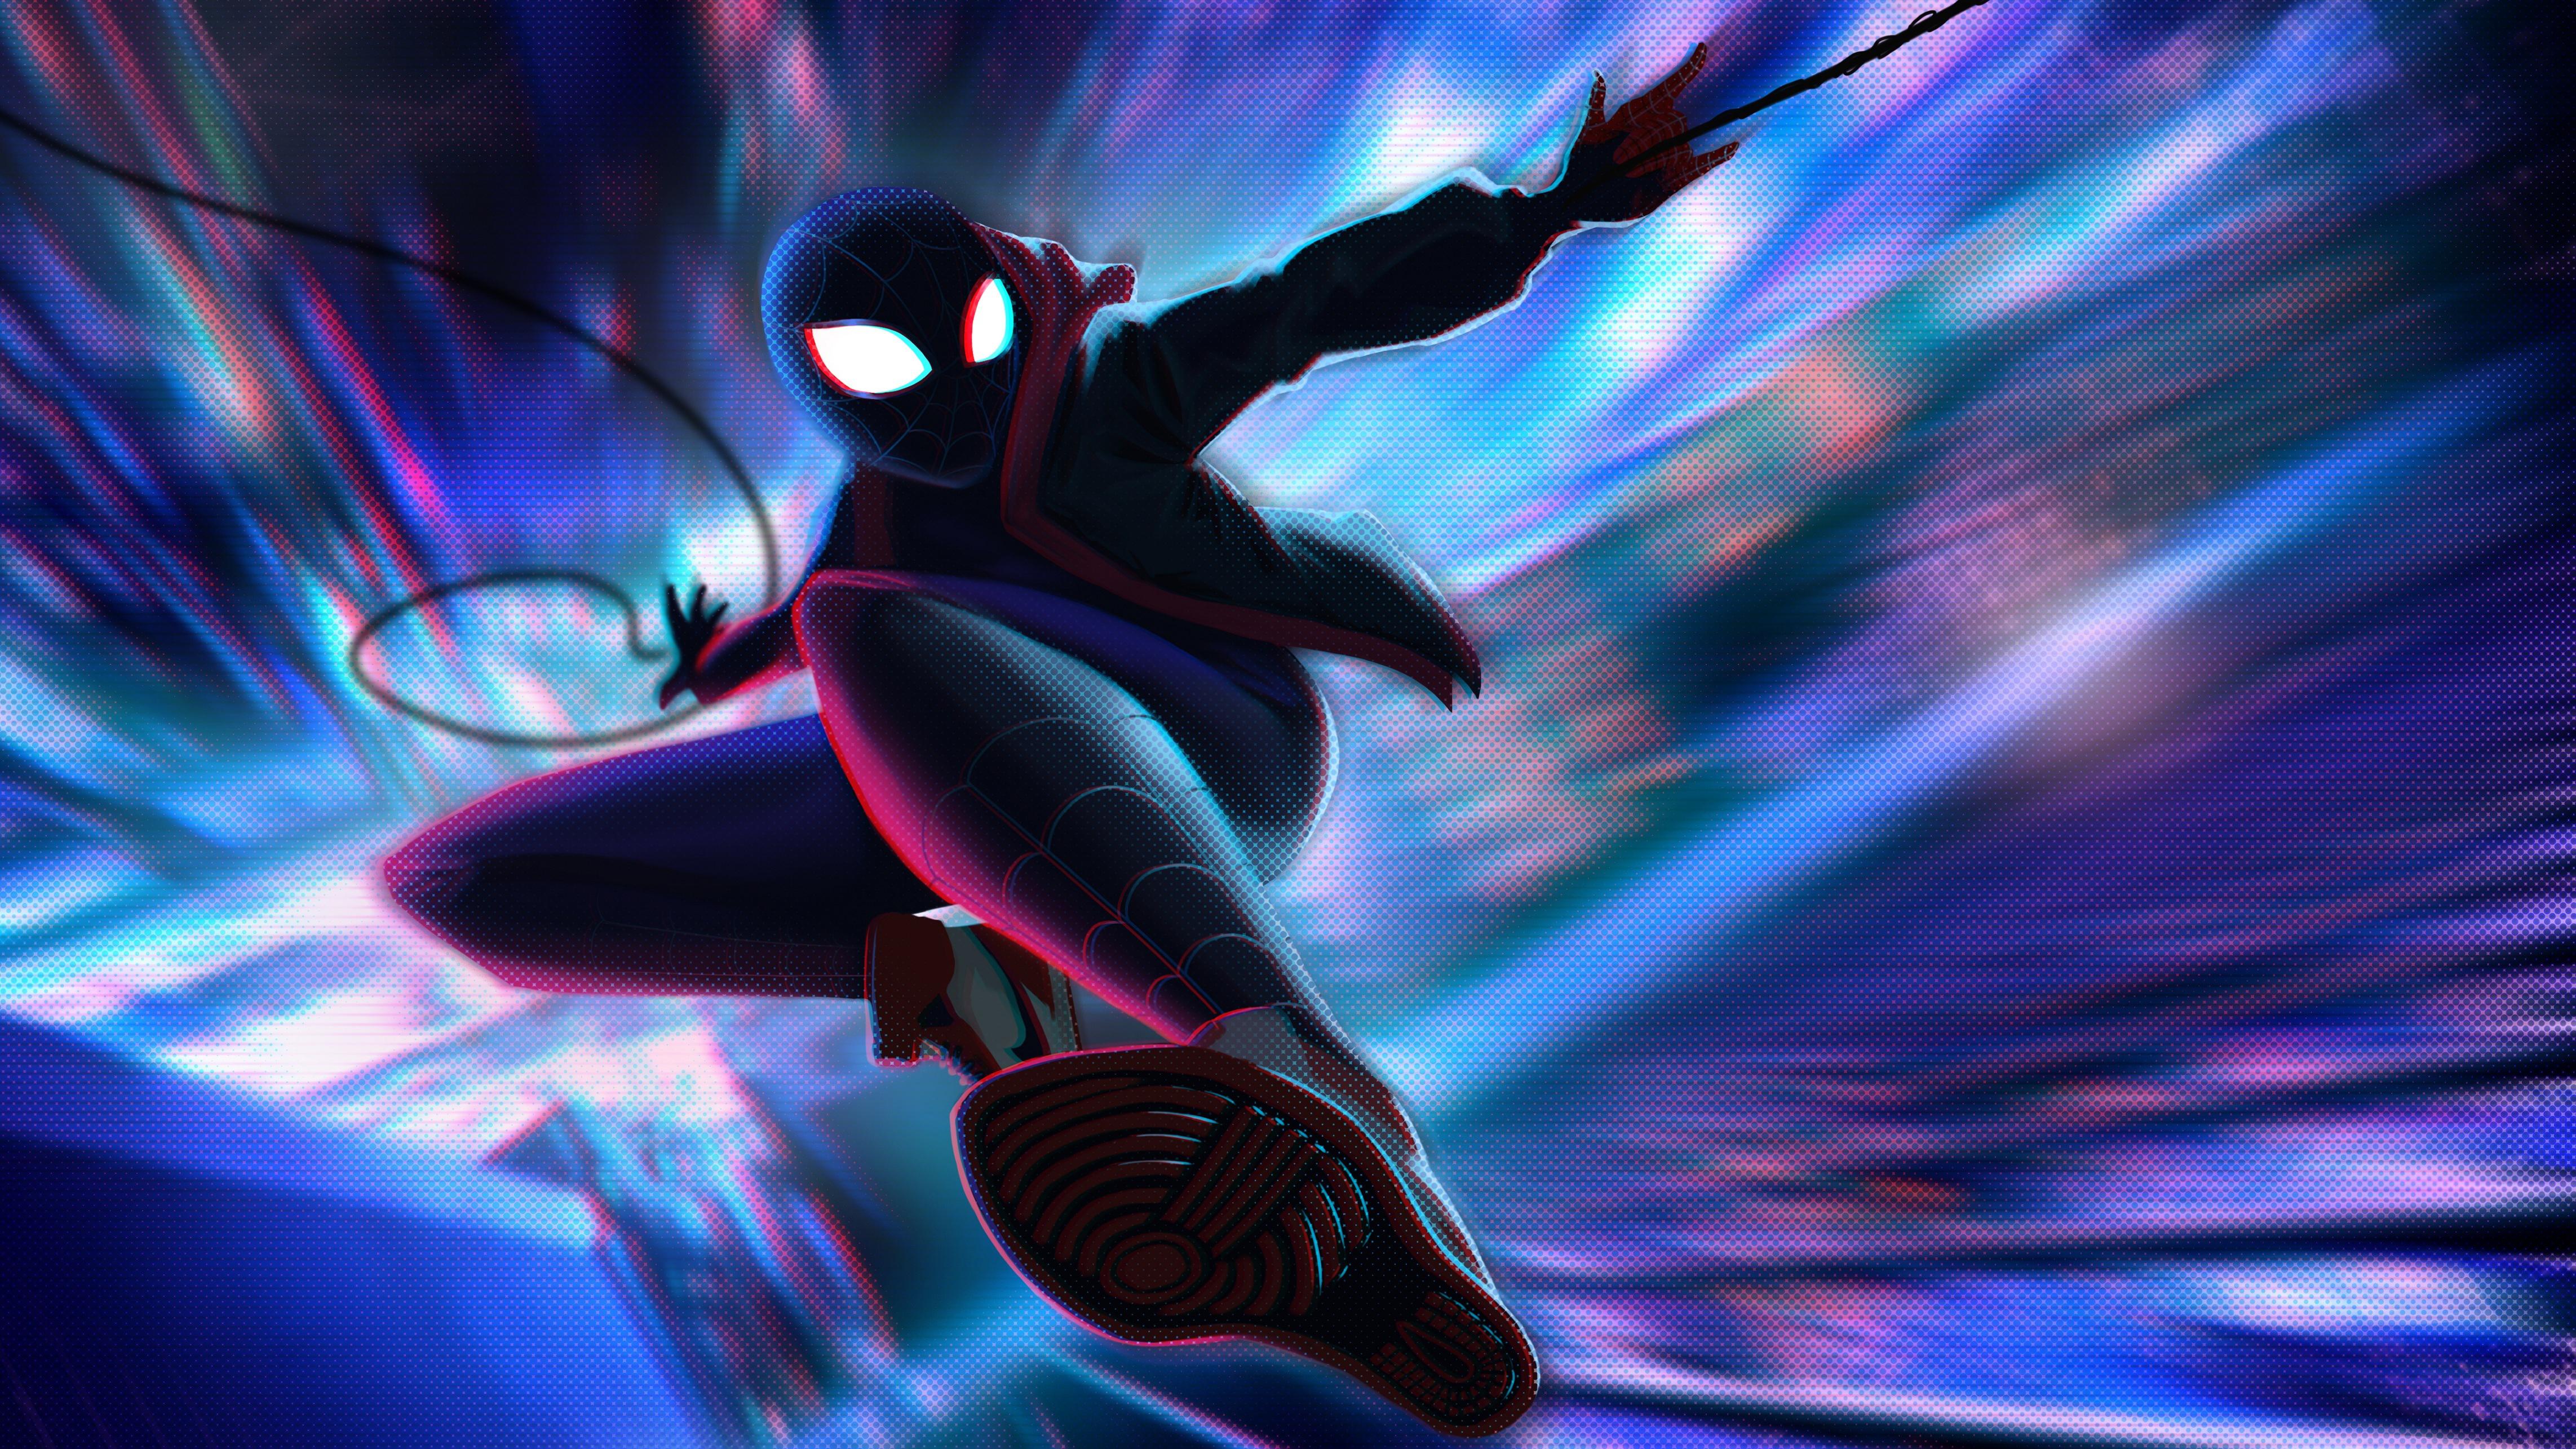 Spiderman Miles Morales Jump 5k Hd Superheroes 4k Wallpapers